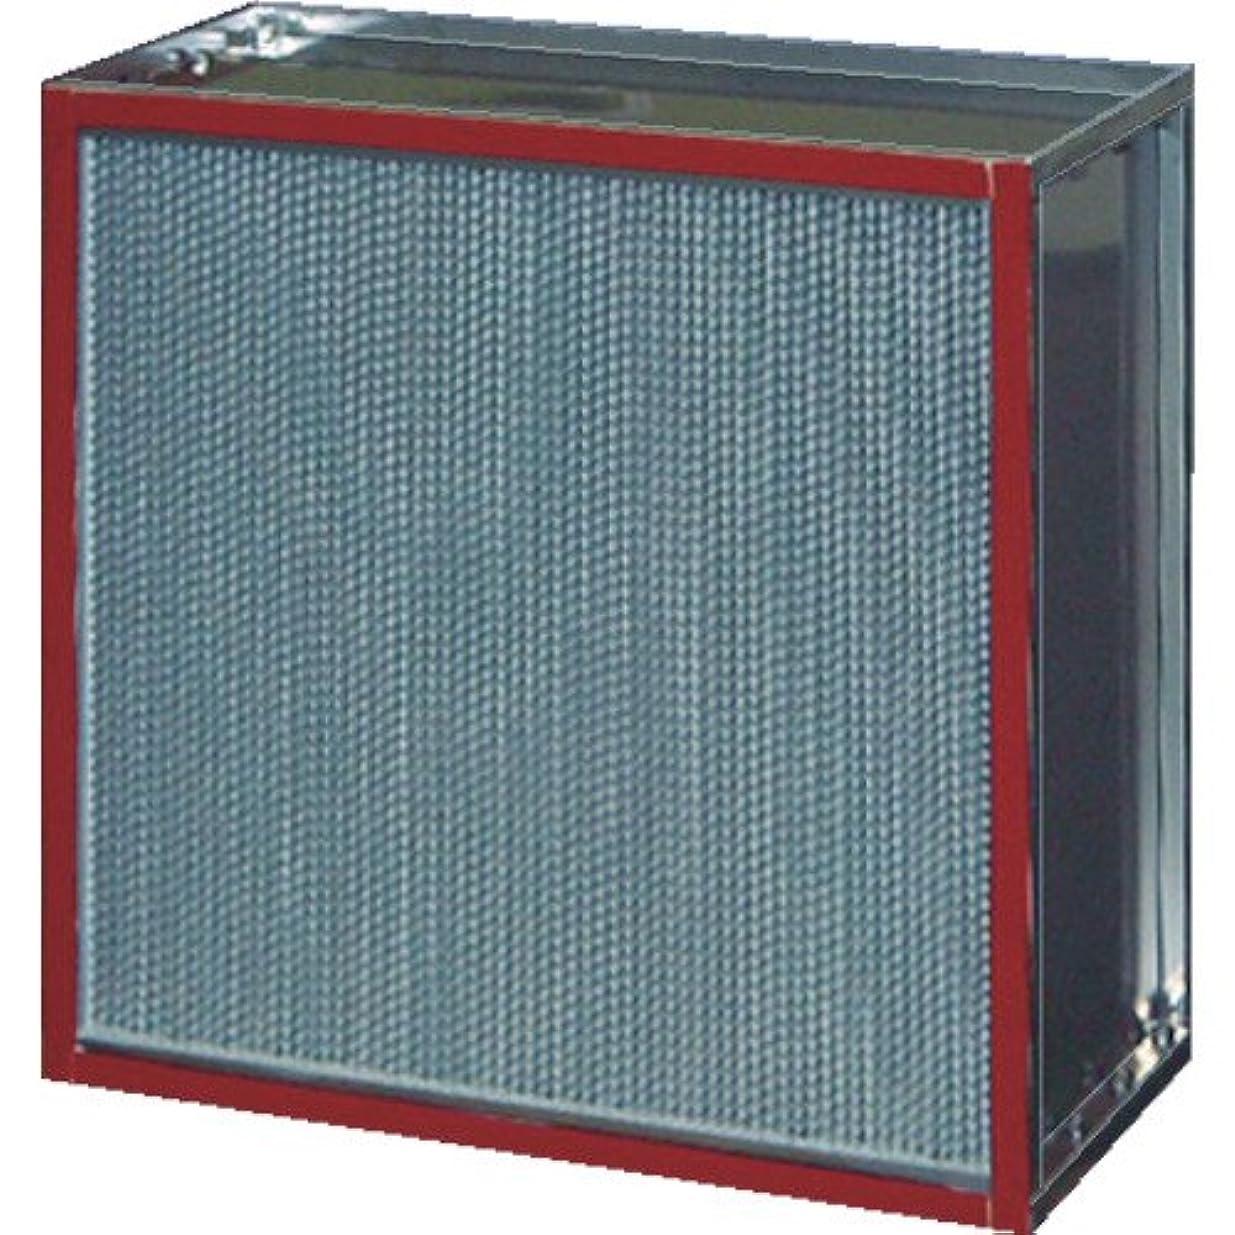 枕粘土表面日本無機(株) 日本無機 耐熱180度中性能フィルタ 610×610×290 ASTCE-56-95ES4 418-6559 《空調用フィルター》